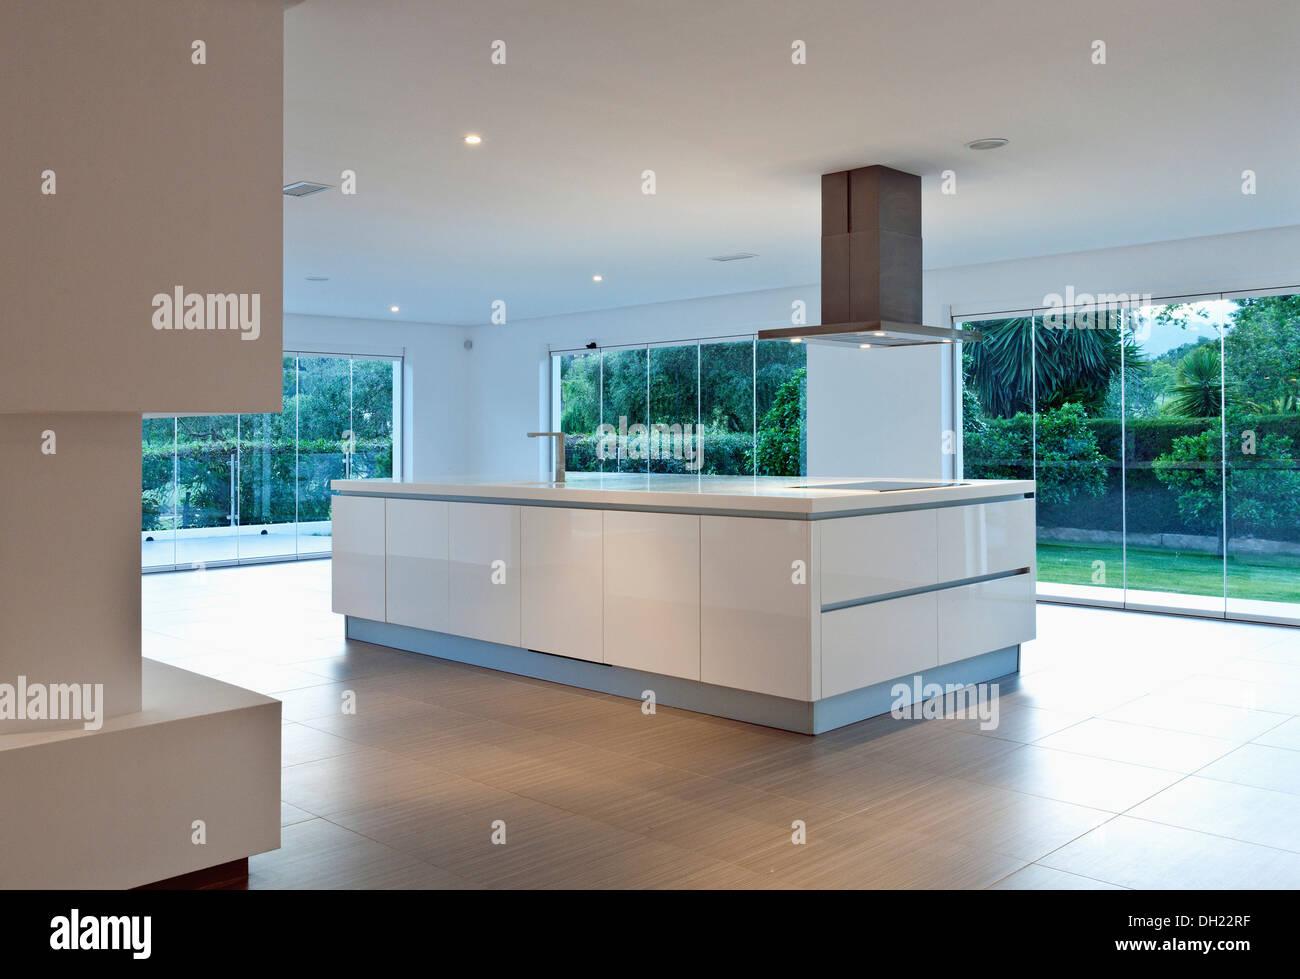 Nett Küche Fliesenboden Fotogalerie Bilder - Ideen Für Die Küche ...